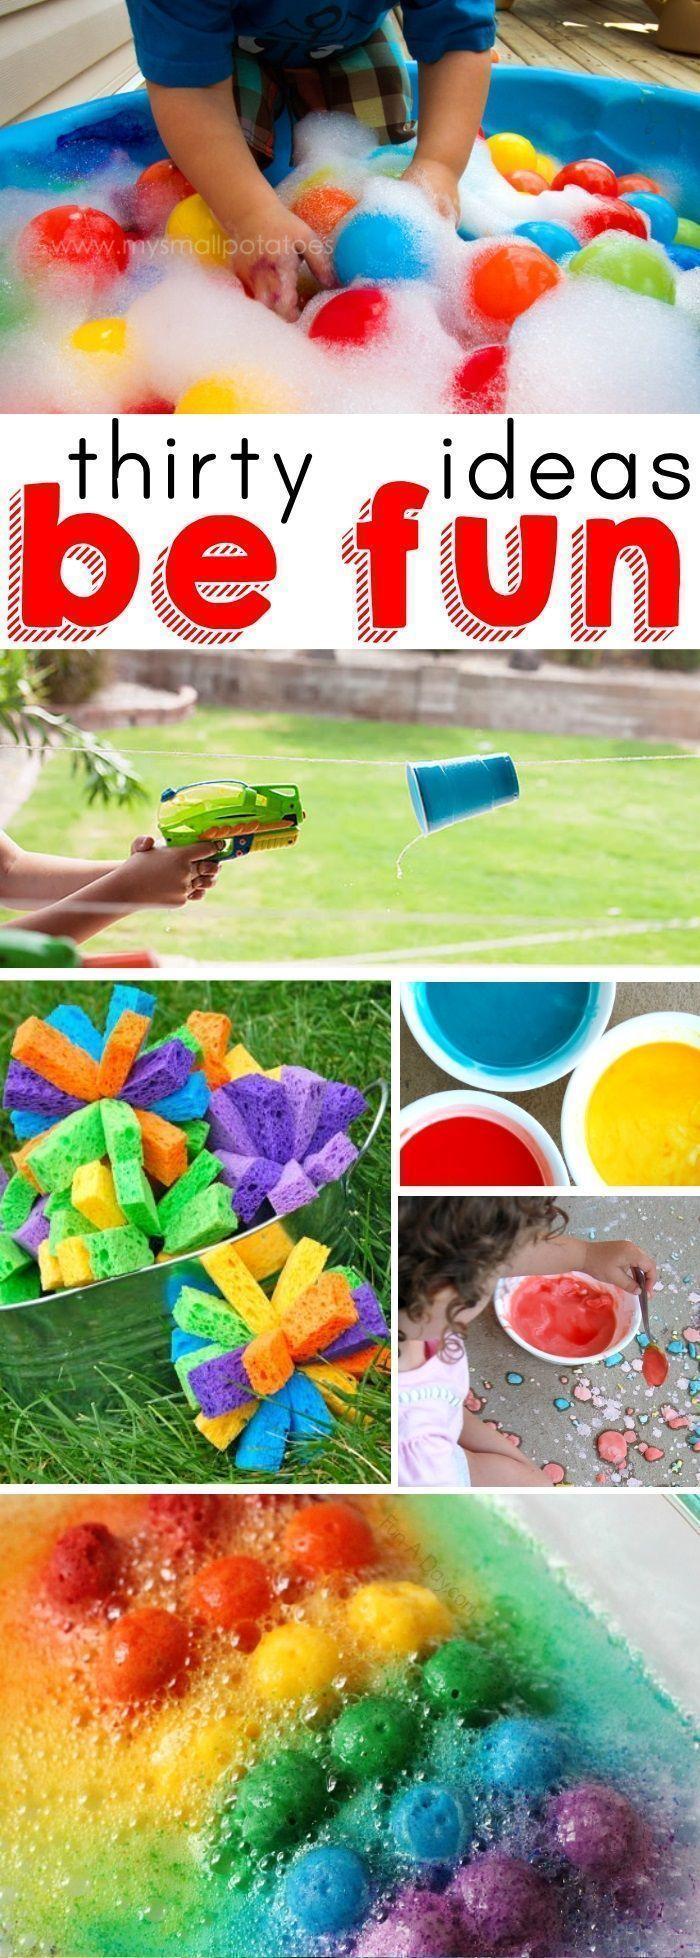 best 25 outdoor birthday games ideas on pinterest water gun